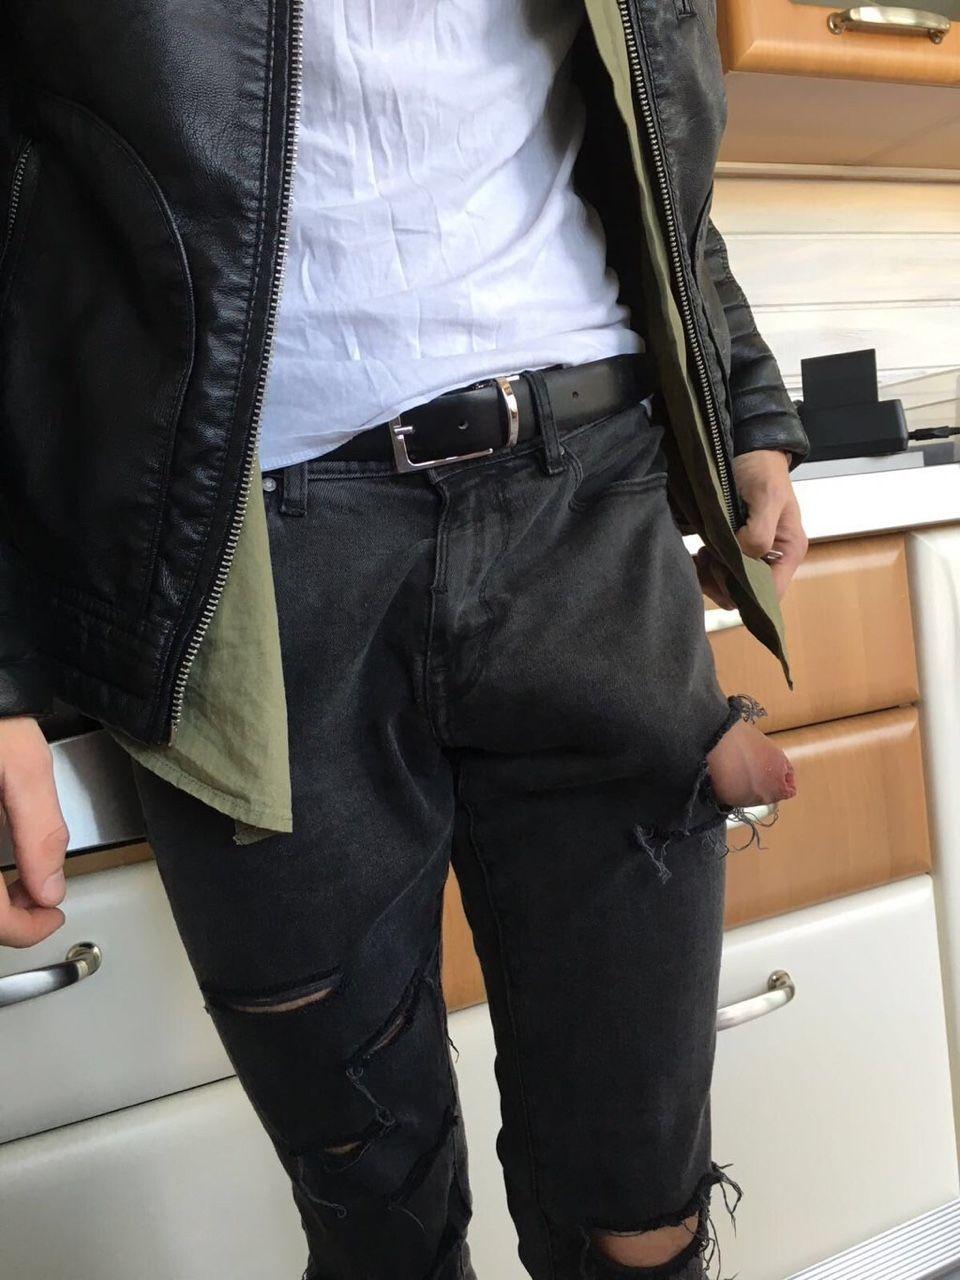 Porno ficken gif